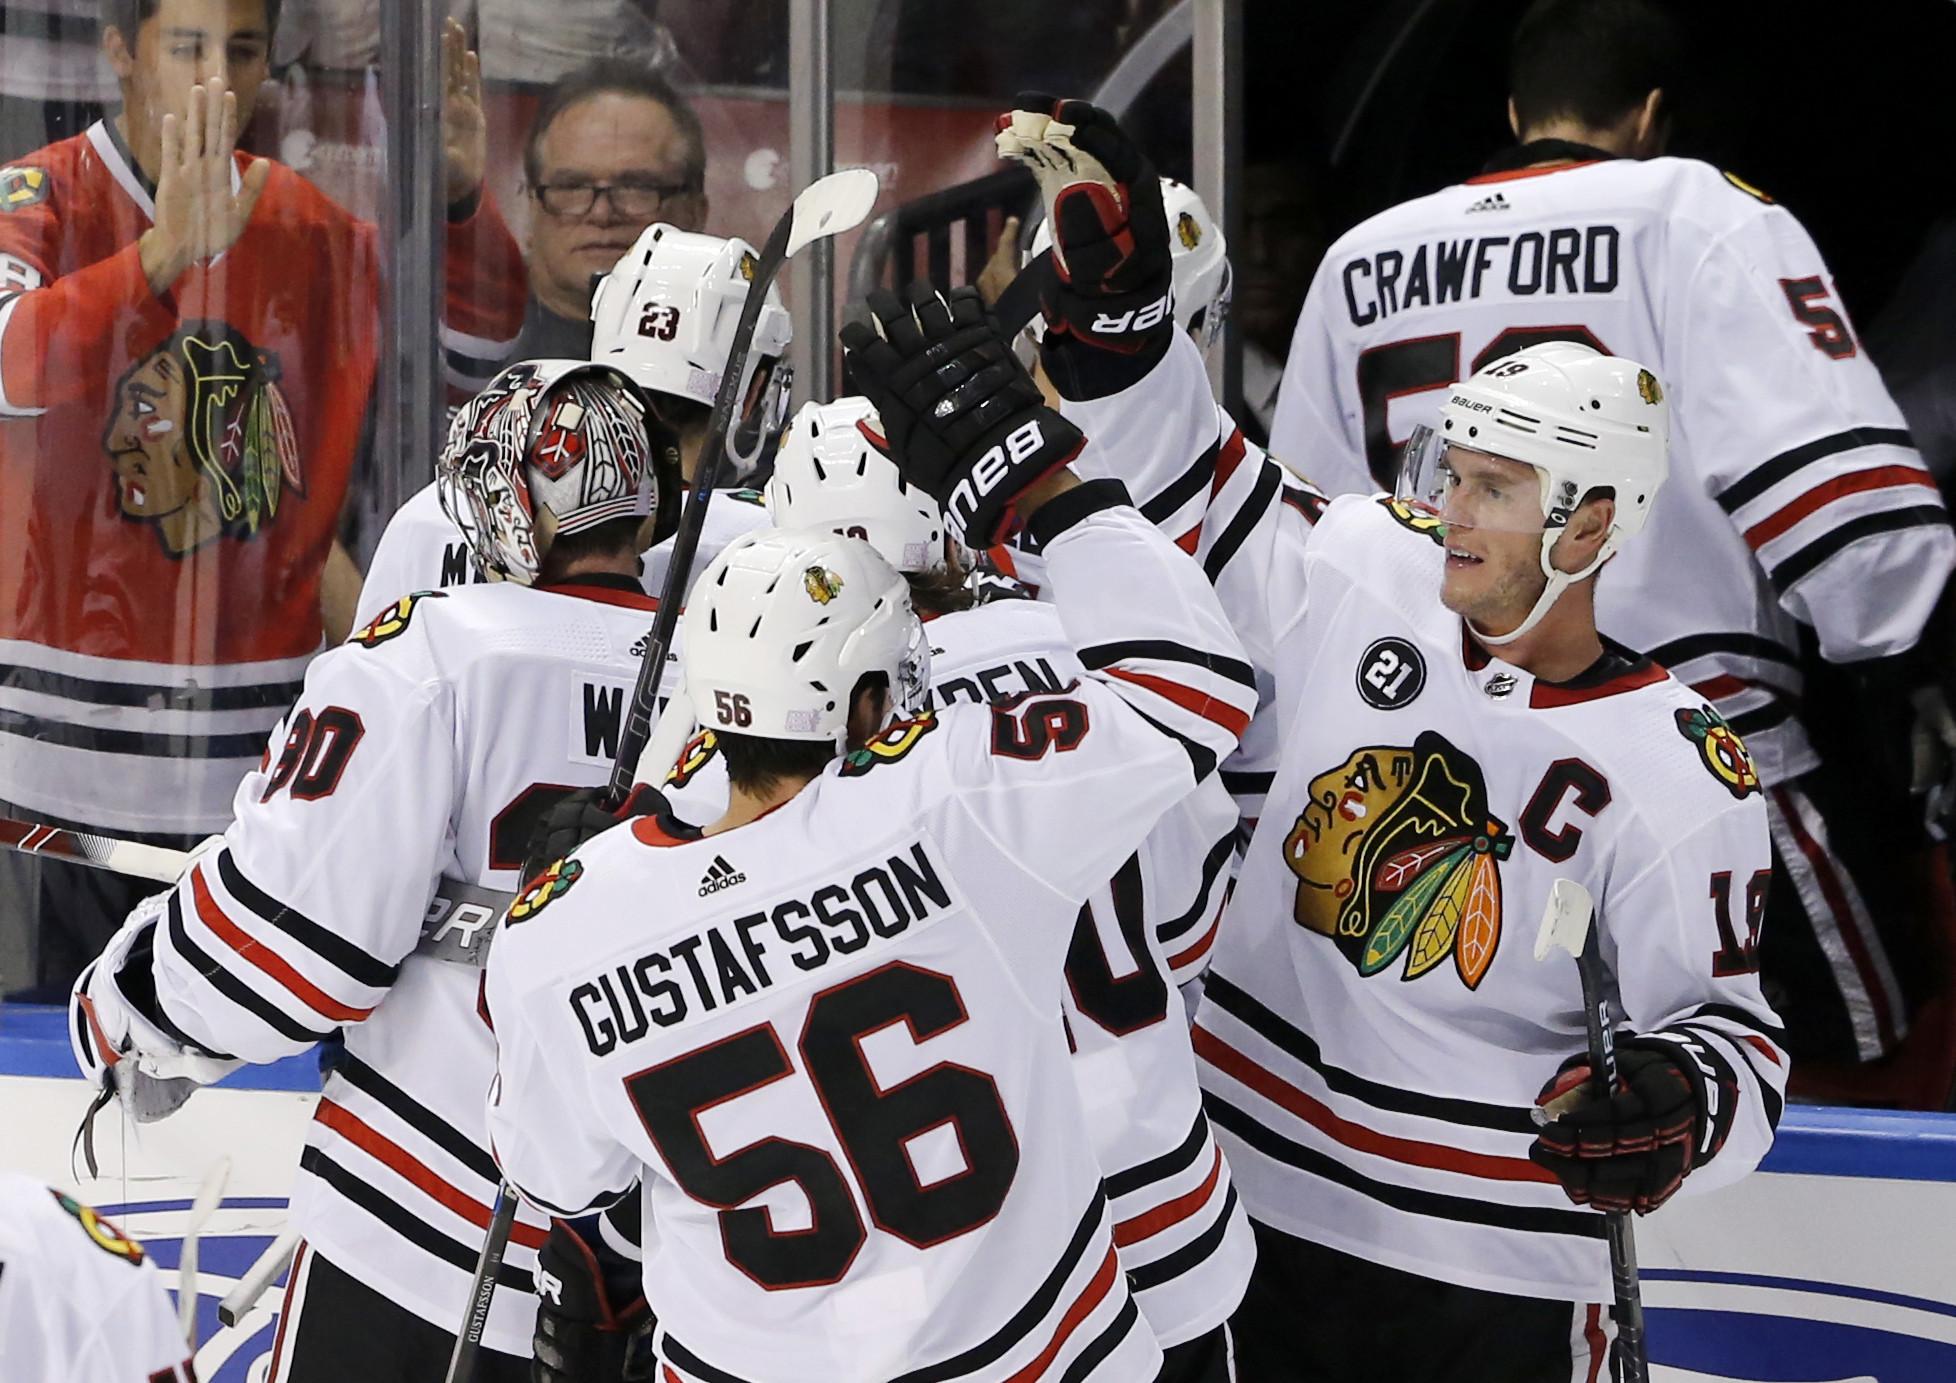 Blackhawks 5, Panthers 4 (OT)